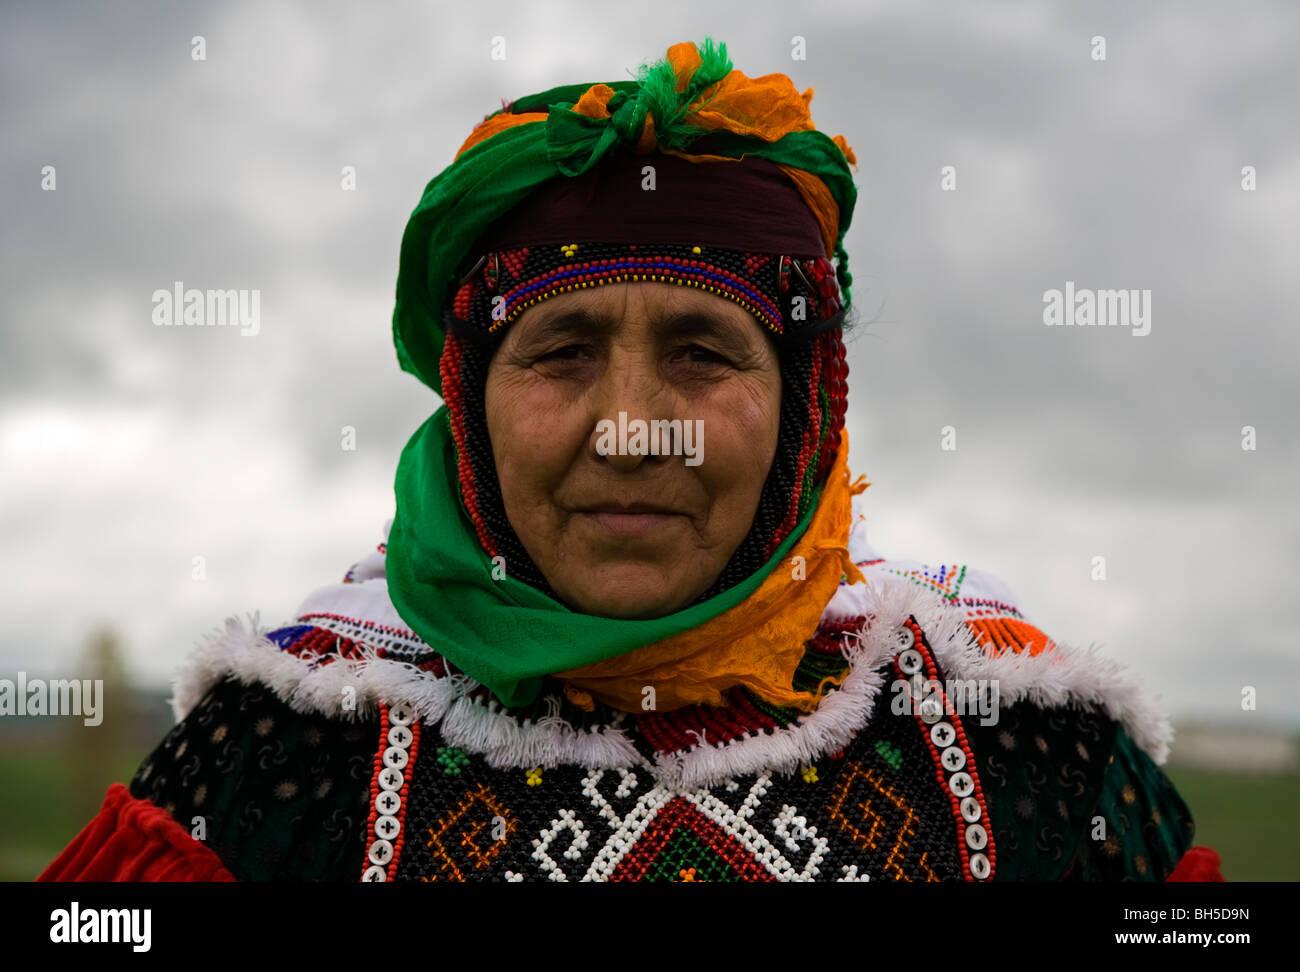 Retrato de una mujer turca de Ardahan indígenas Turquía Imagen De Stock